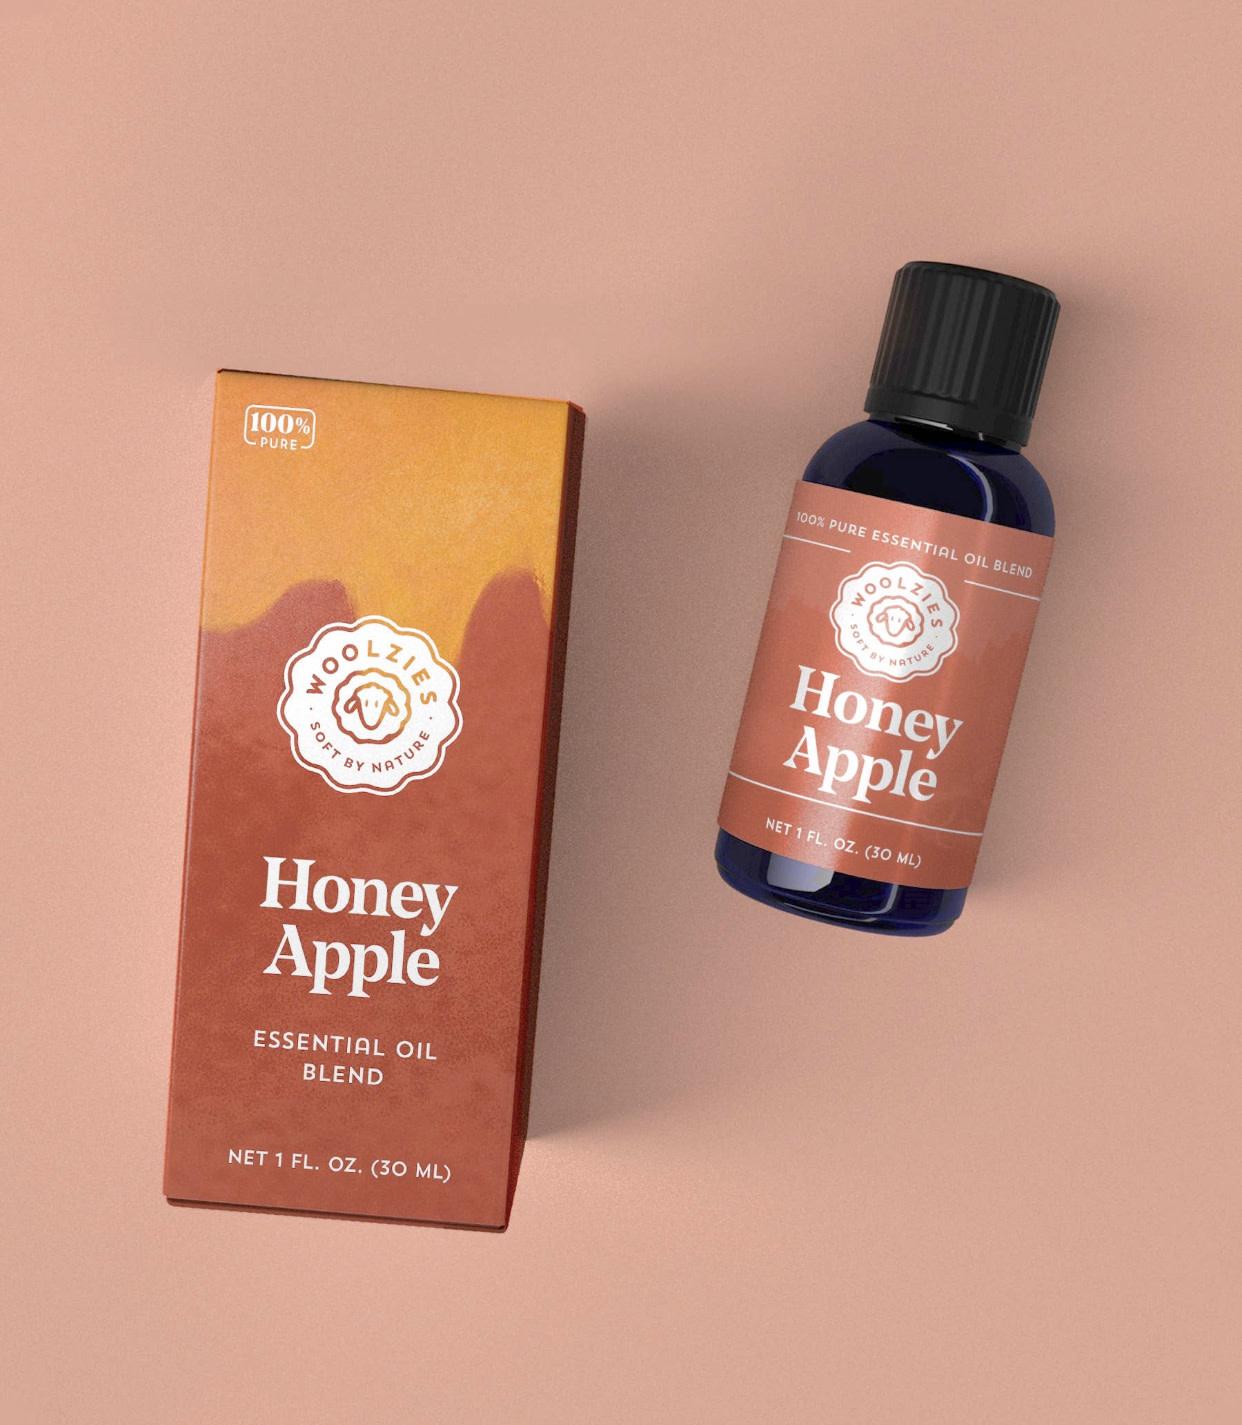 Woolzies Honey Crisp